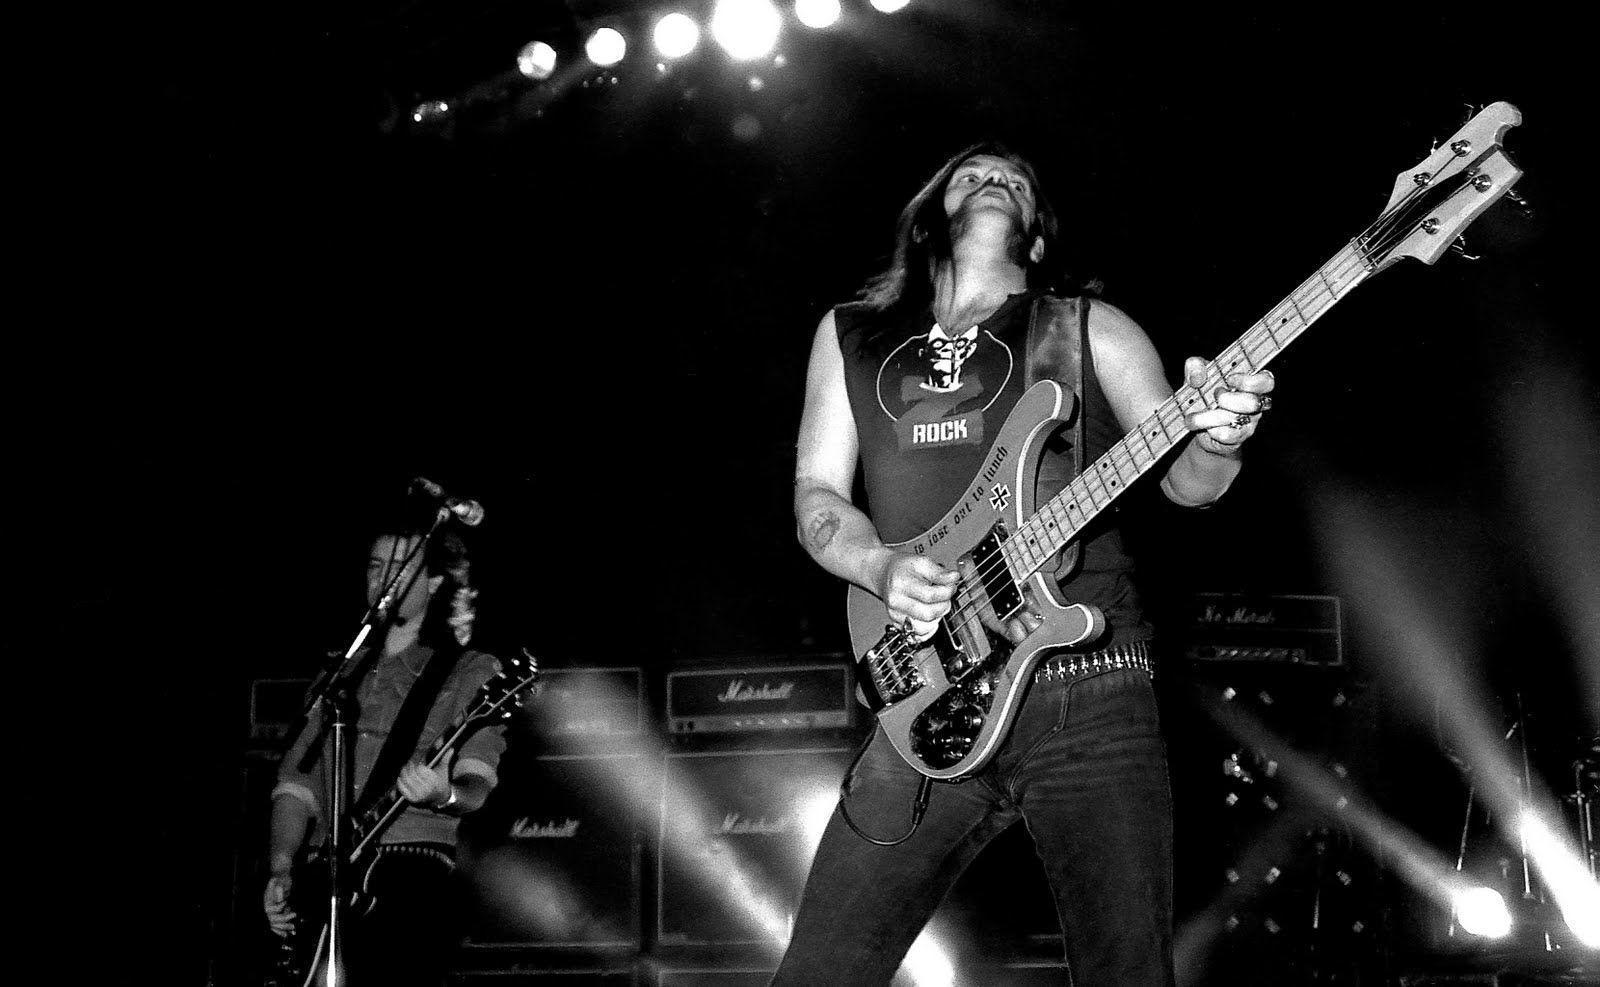 Lemmy Kilmister Rock Music Motorhead Wallpaper Hd: Lemmy Wallpapers